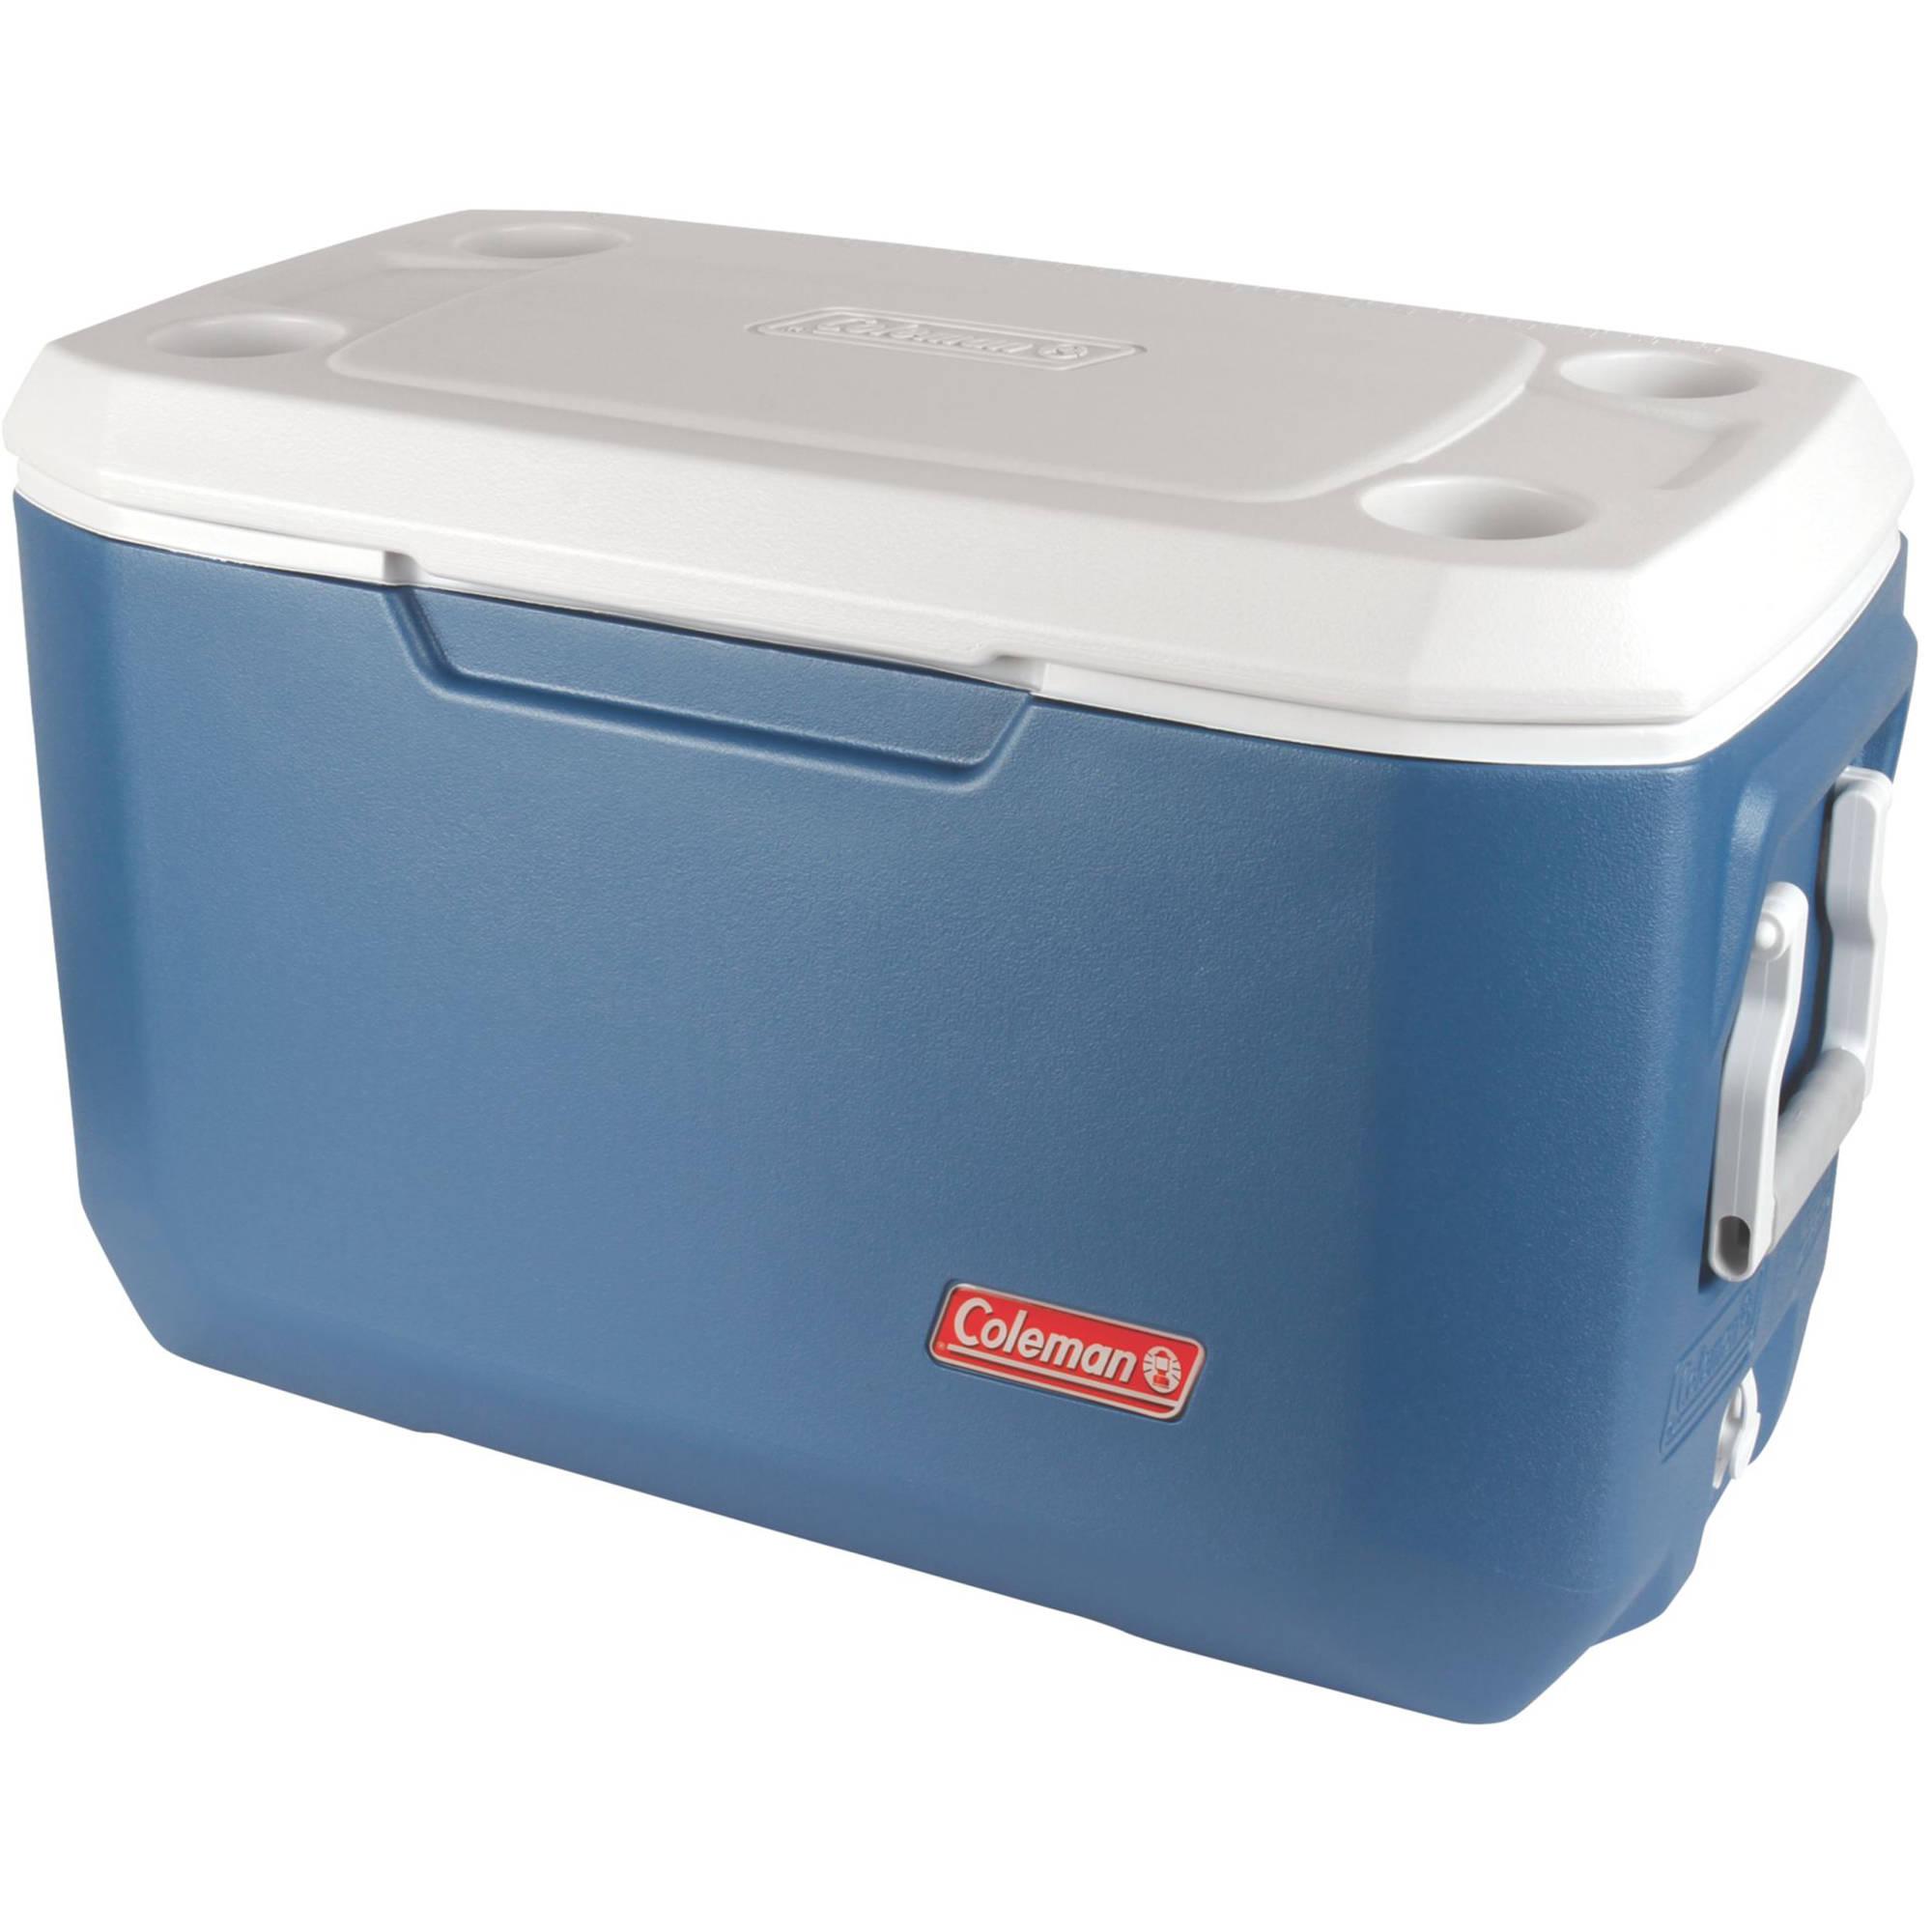 Coleman Xtreme 5 Cooler : Coleman quart xtreme cooler blue white b h